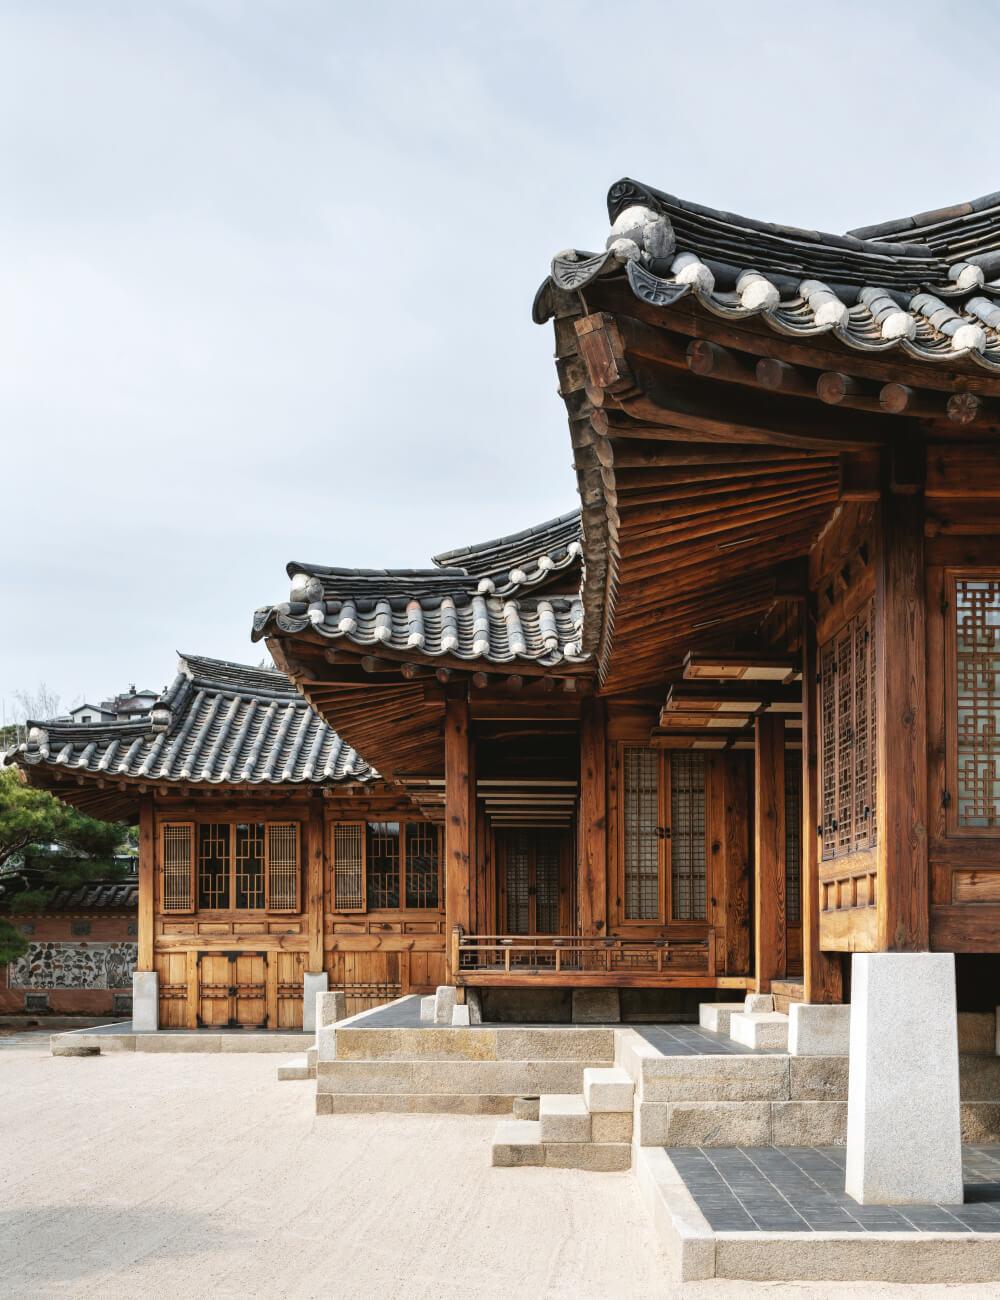 조선시대 마지막 왕비 순정효황후의 사가를 옮겨온 사대부집.